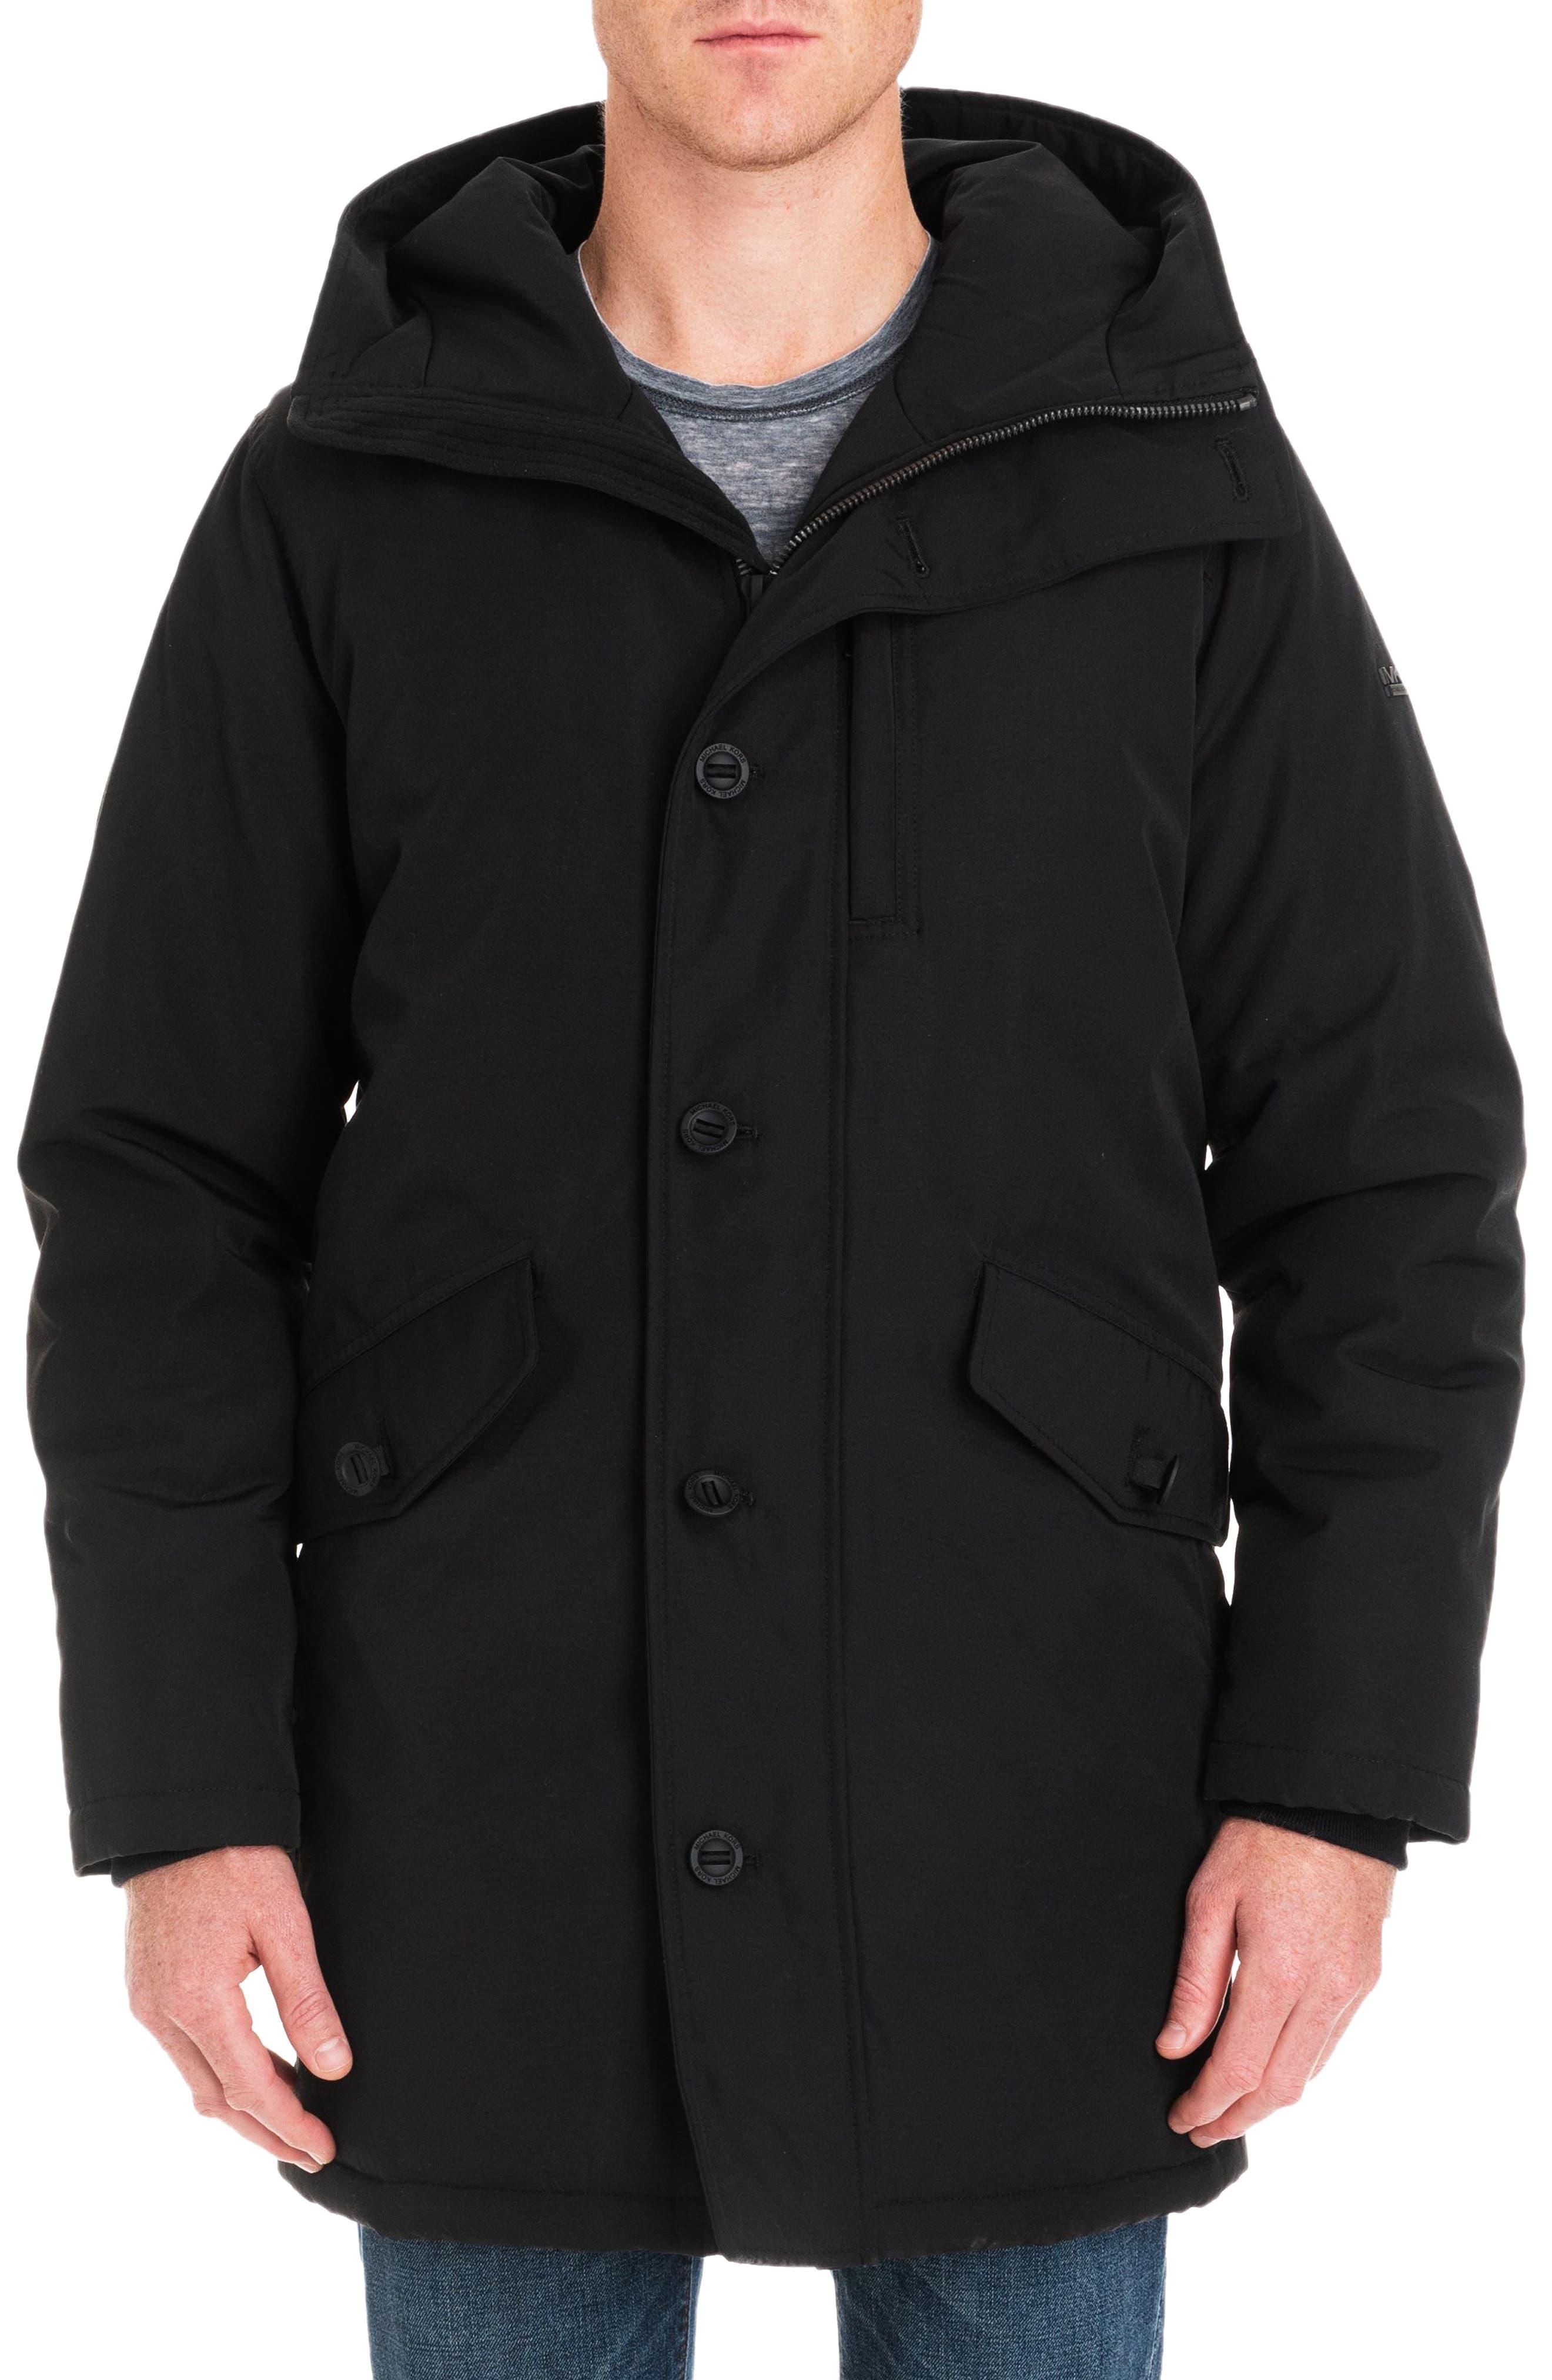 Gardiner Water Resistant Snorkel Coat,                         Main,                         color, BLACK/ MIDNIGHT